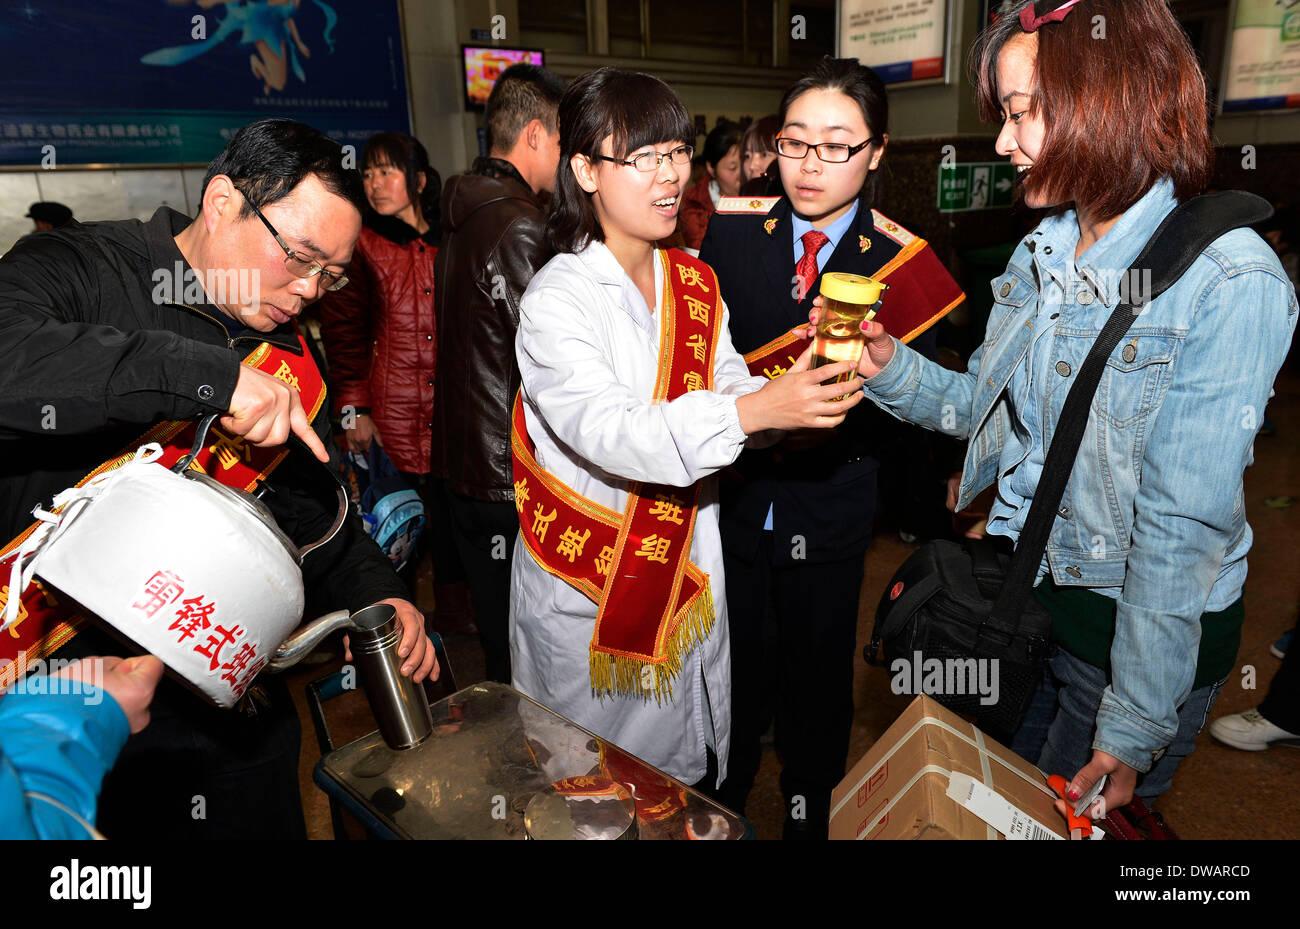 """Xi'an, soldato cinese negli anni sessanta. Il 15 agosto, 1962. Volontari erogare acqua per i passeggeri a Xi'an Stazione Ferroviaria di Xi'an, capitale della Cina nord-occidentale della provincia di Shaanxi, 5 marzo 2014, in occasione della """"Lei Feng's Day"""", che cade il 5 marzo di ogni anno. Lei, un giovane soldato cinese negli anni sessanta, è noto per aver dedicato quasi tutto il suo tempo di ricambio e denaro per aiutare disinteressatamente i bisognosi. Egli è morto dopo essere stato colpito da una caduta di pole mentre aiutando un compagno soldato dirigere un carrello su 15 Agosto 1962. Credito: Liu Xiao/Xinhua/Alamy Live News Immagini Stock"""